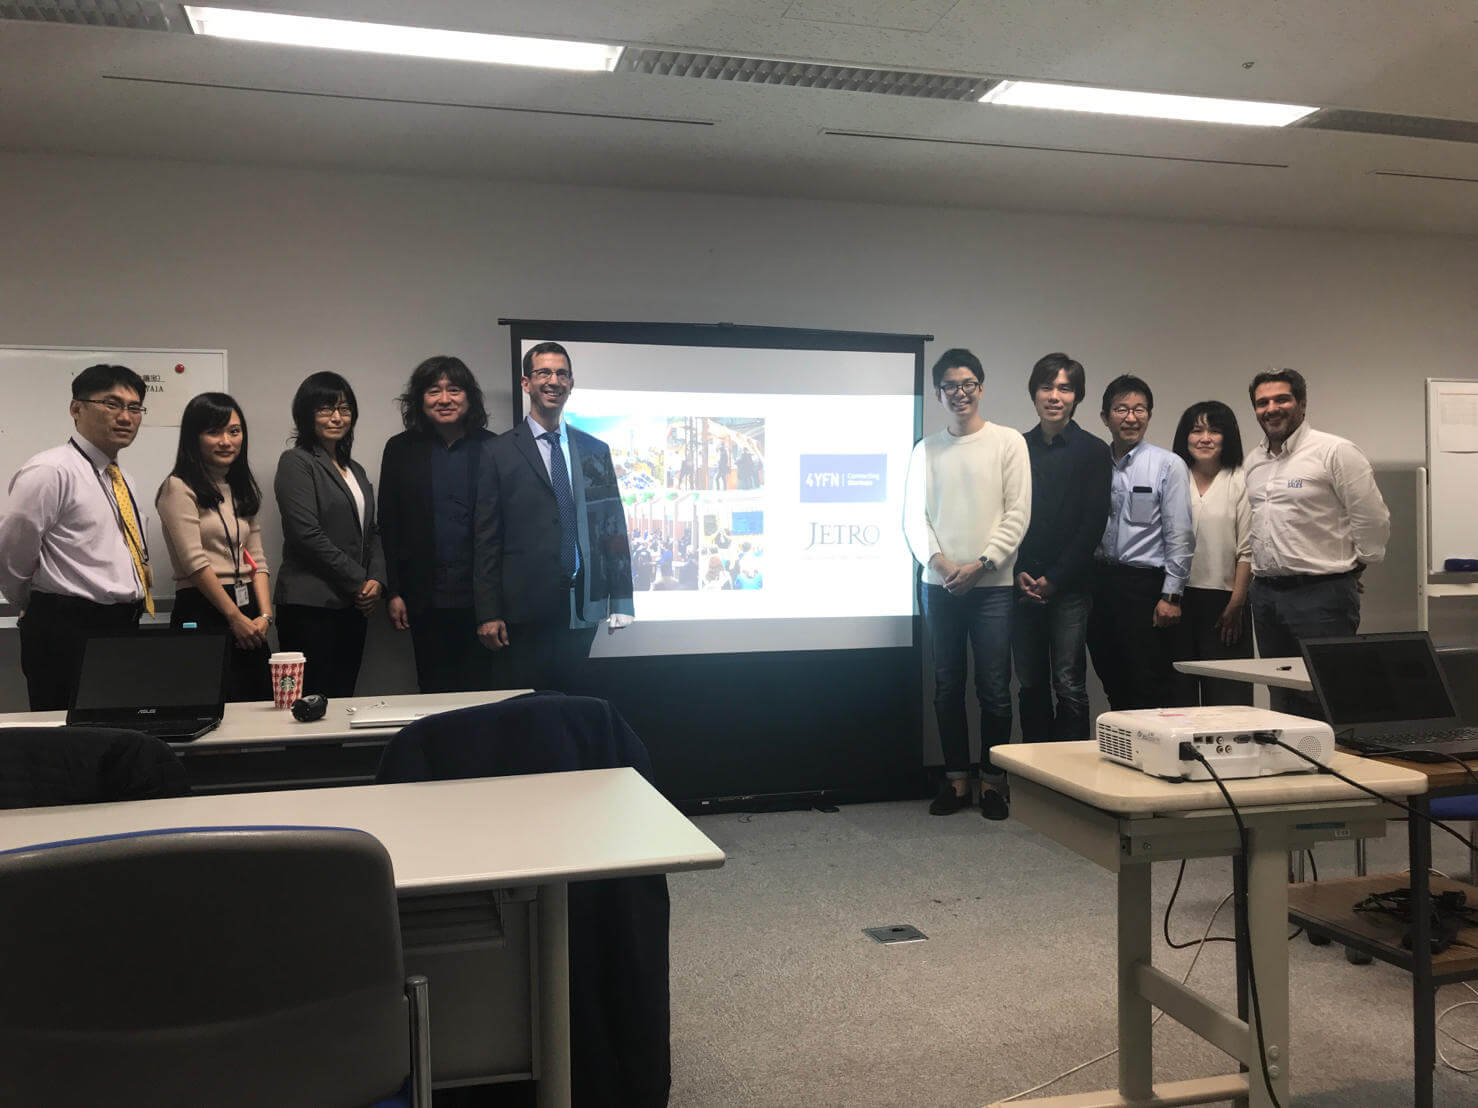 La inversión japonesa, de la mano de JETRO y Peninsula